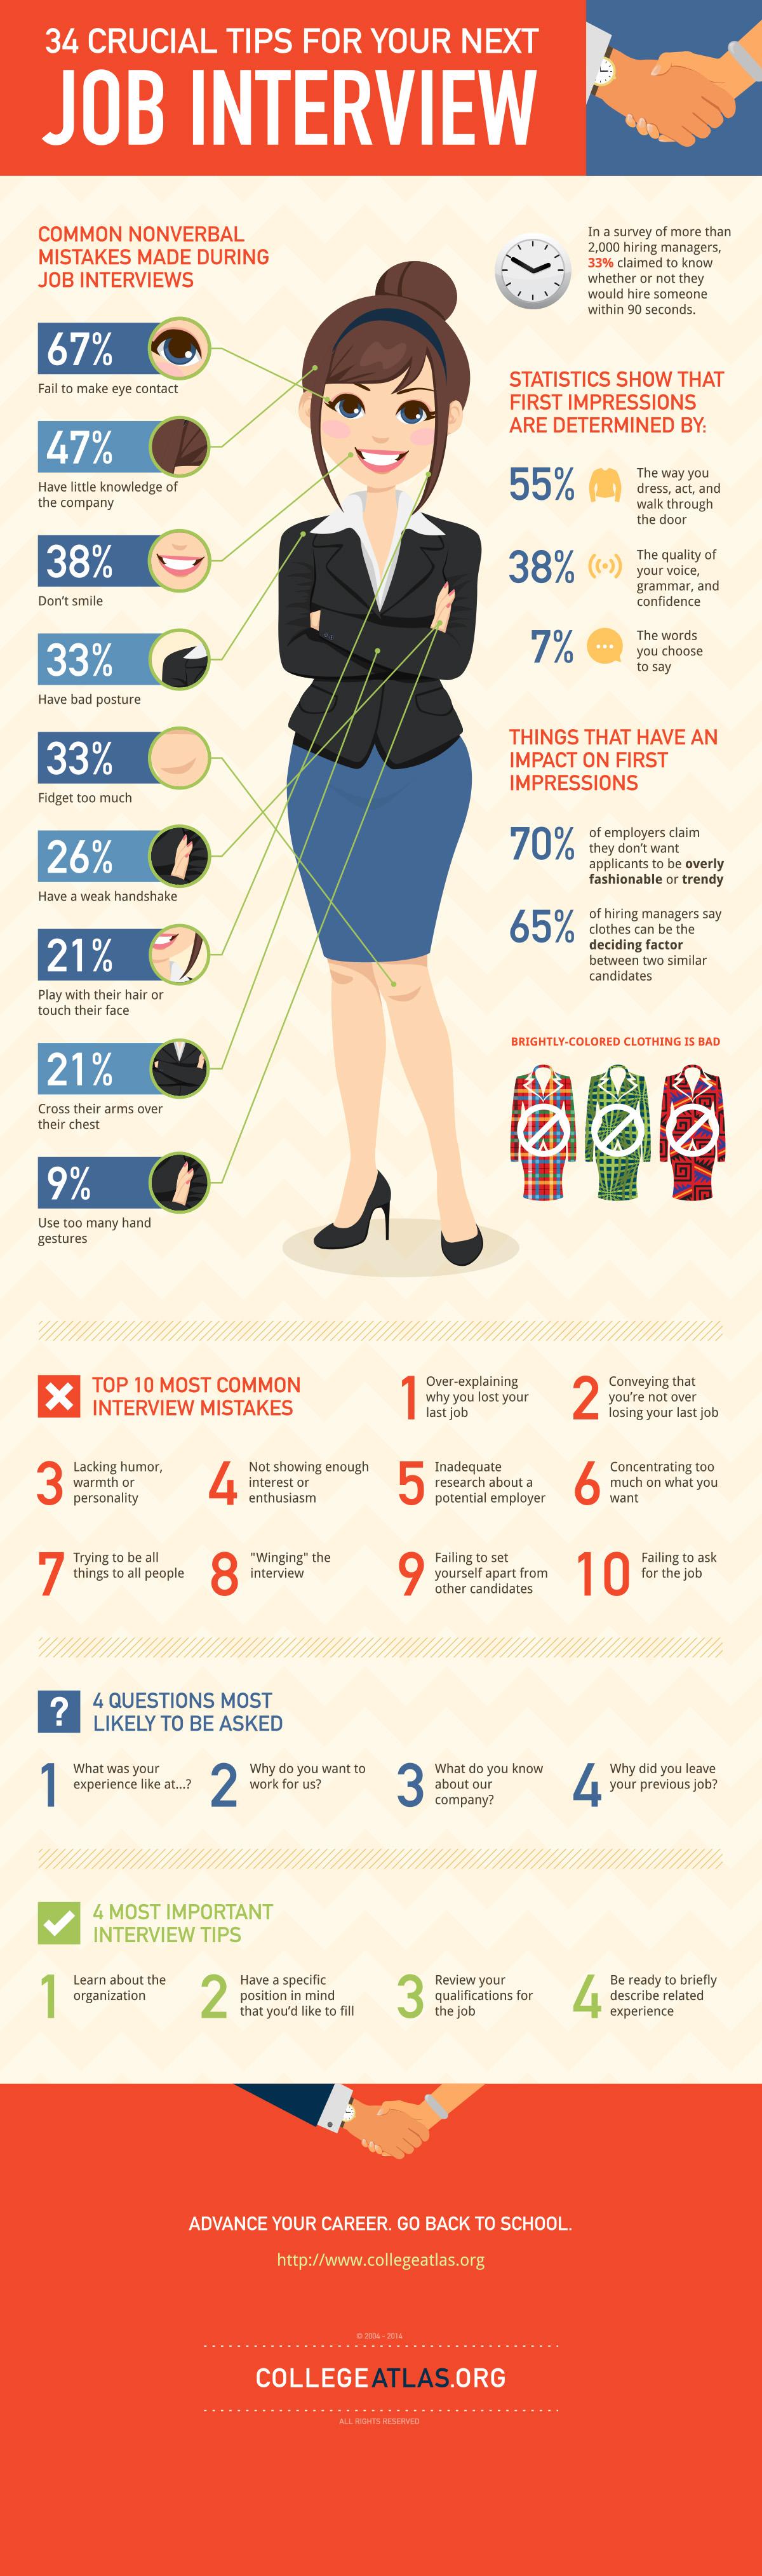 34 טיפים שאתם חייבים לדעת לפני ראיון העבודה הבא